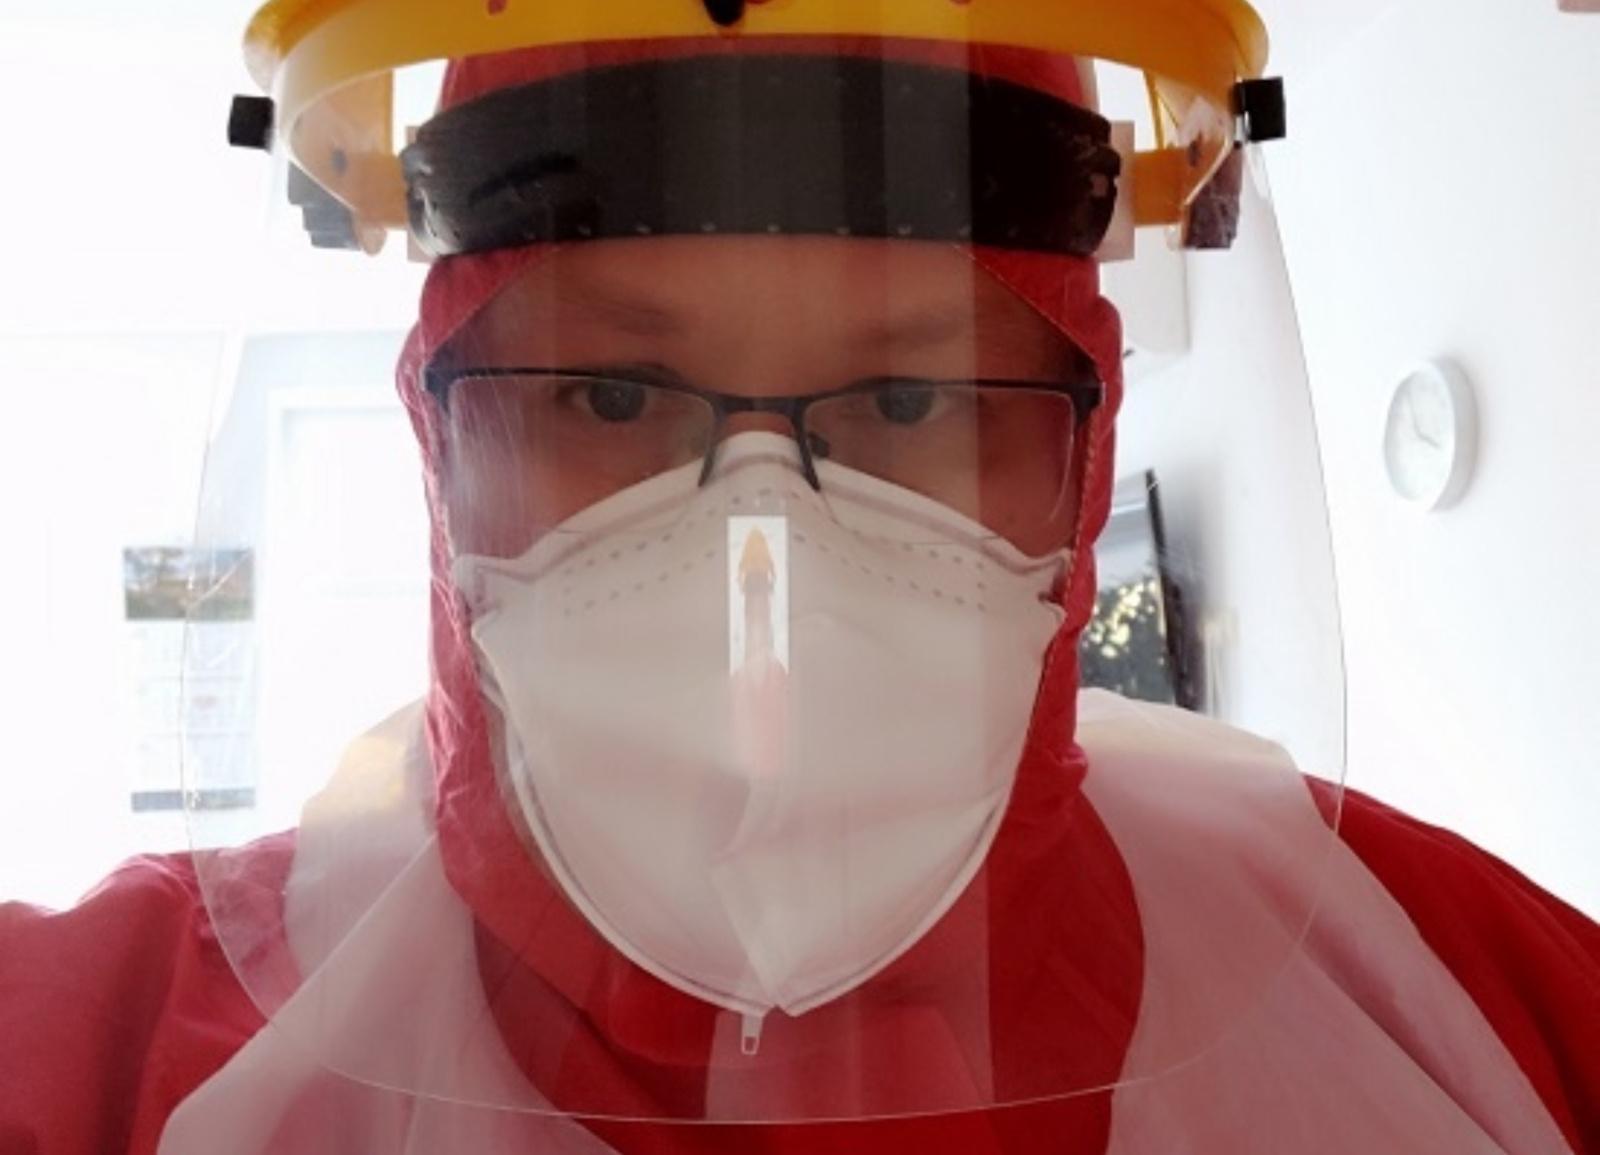 Gydytojas-psichiatras Donatas Miezenas – apie darbą kovidiniame skyriuje uždarius Ukmergės ligoninę